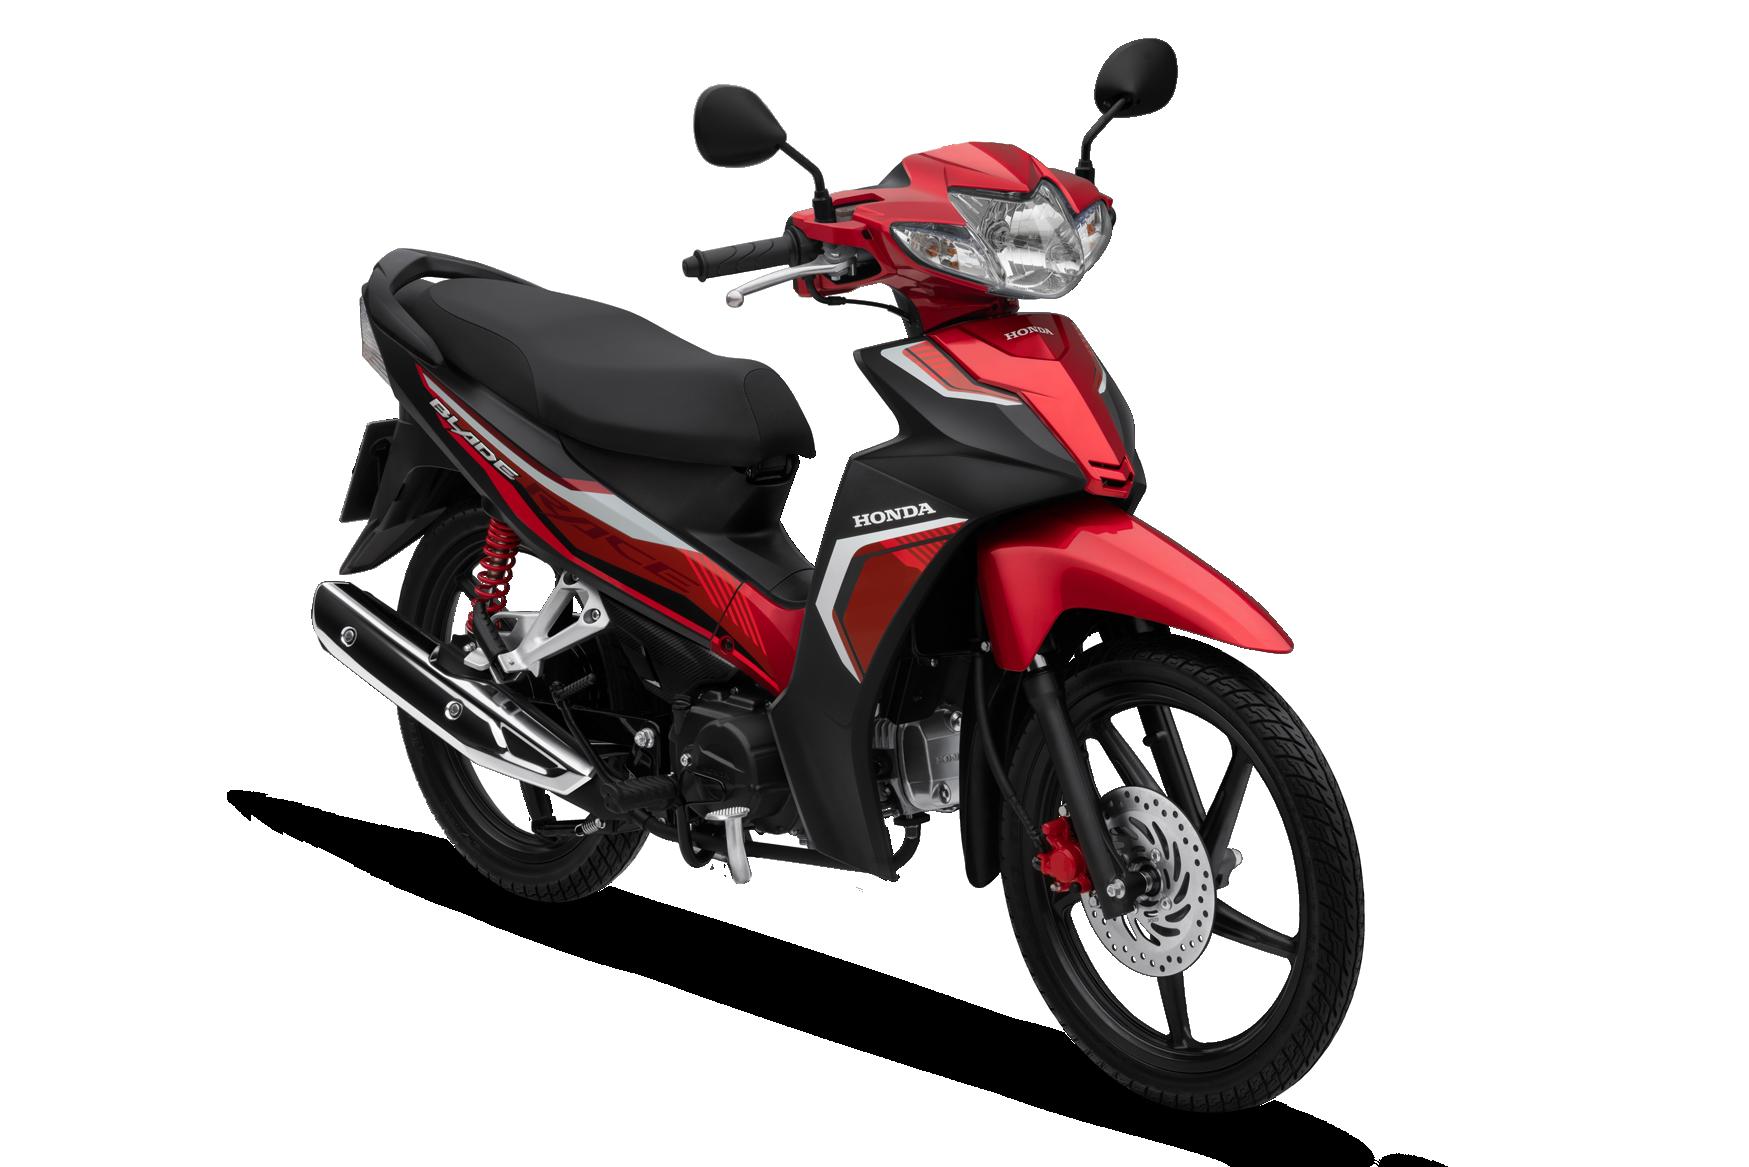 Honda Blade 2020 phiên bản thể thao vành đúc phanh đĩa màu đỏ đen